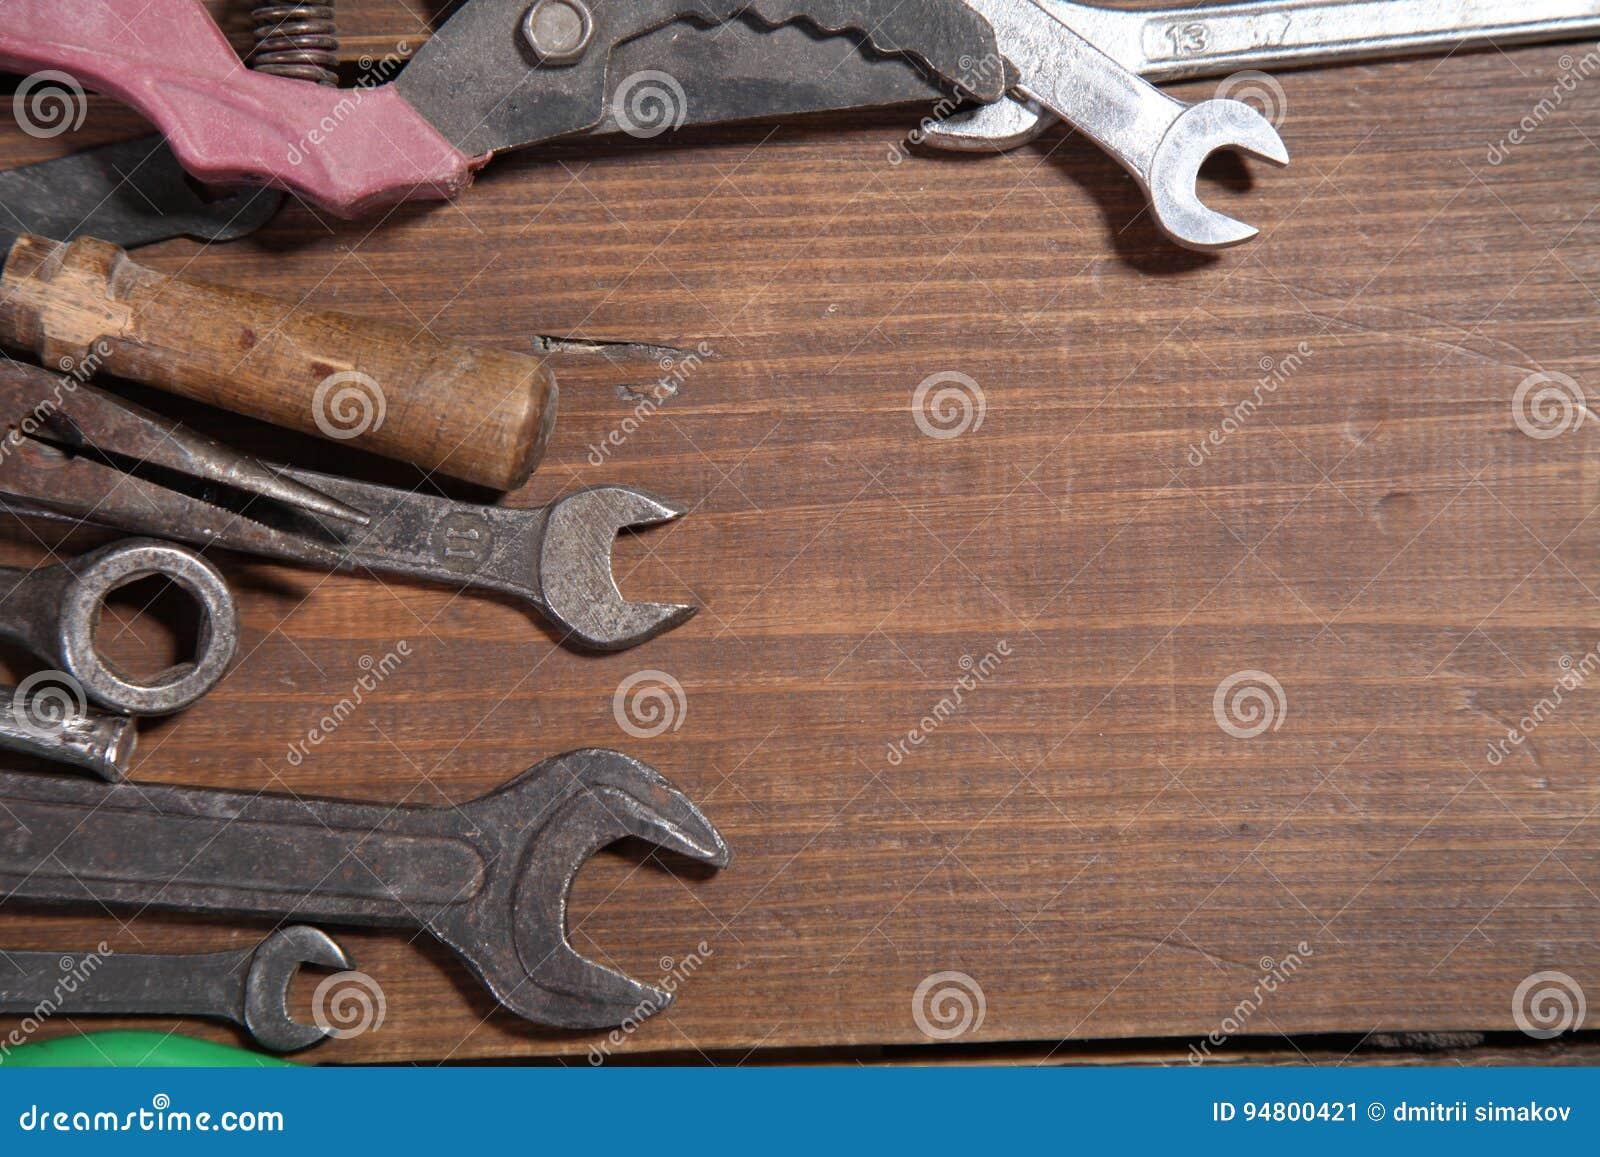 Bau hämmert Schraubenzieherreparatur-Werkzeugzangen